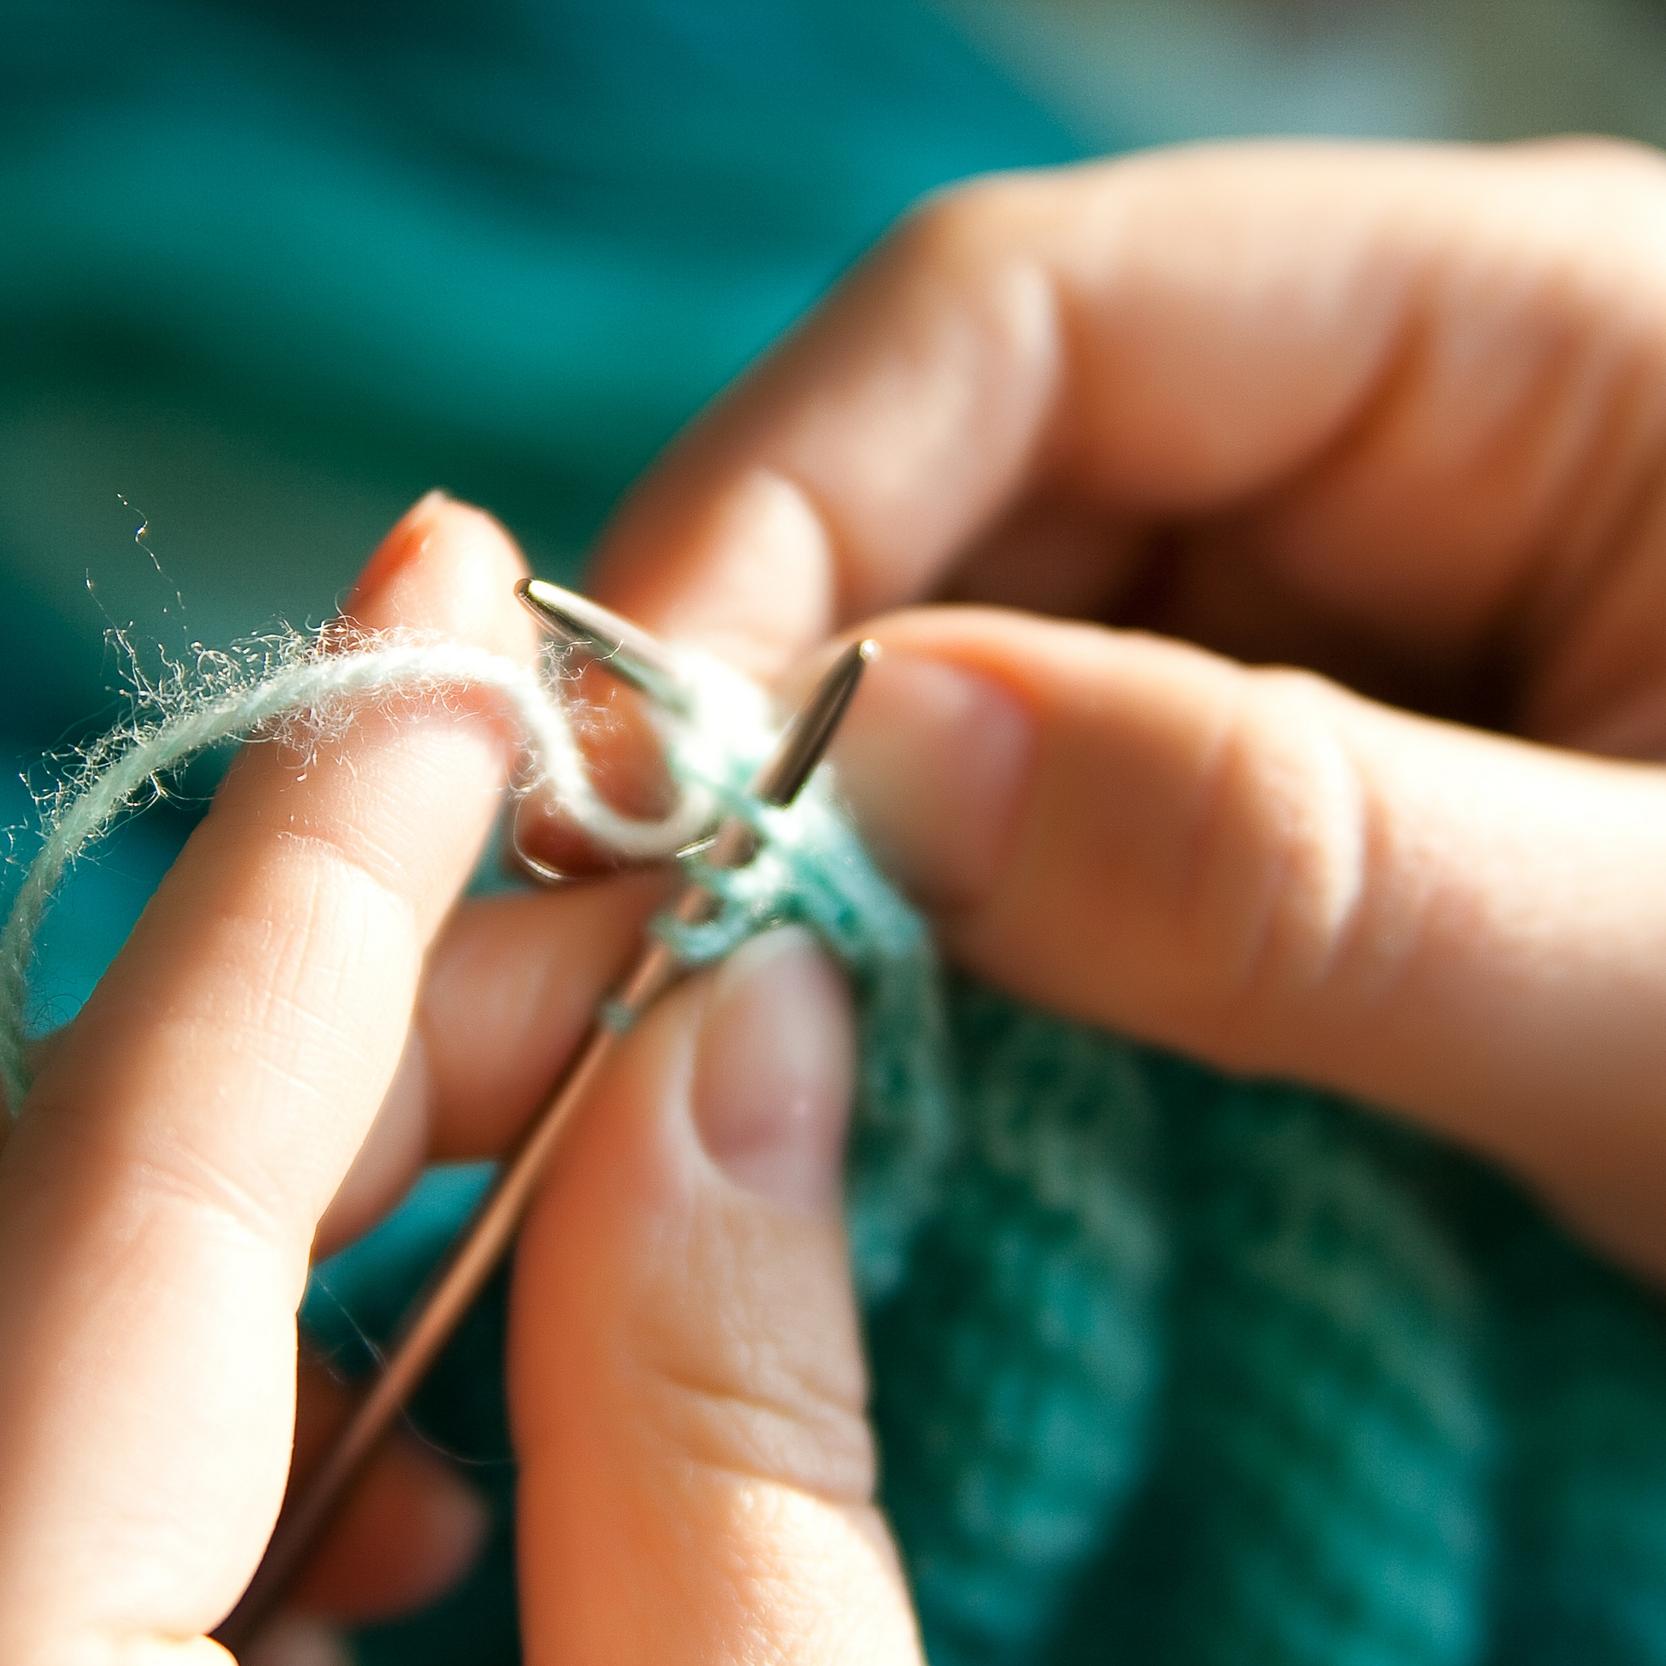 hands-knitting-art[1].jpg